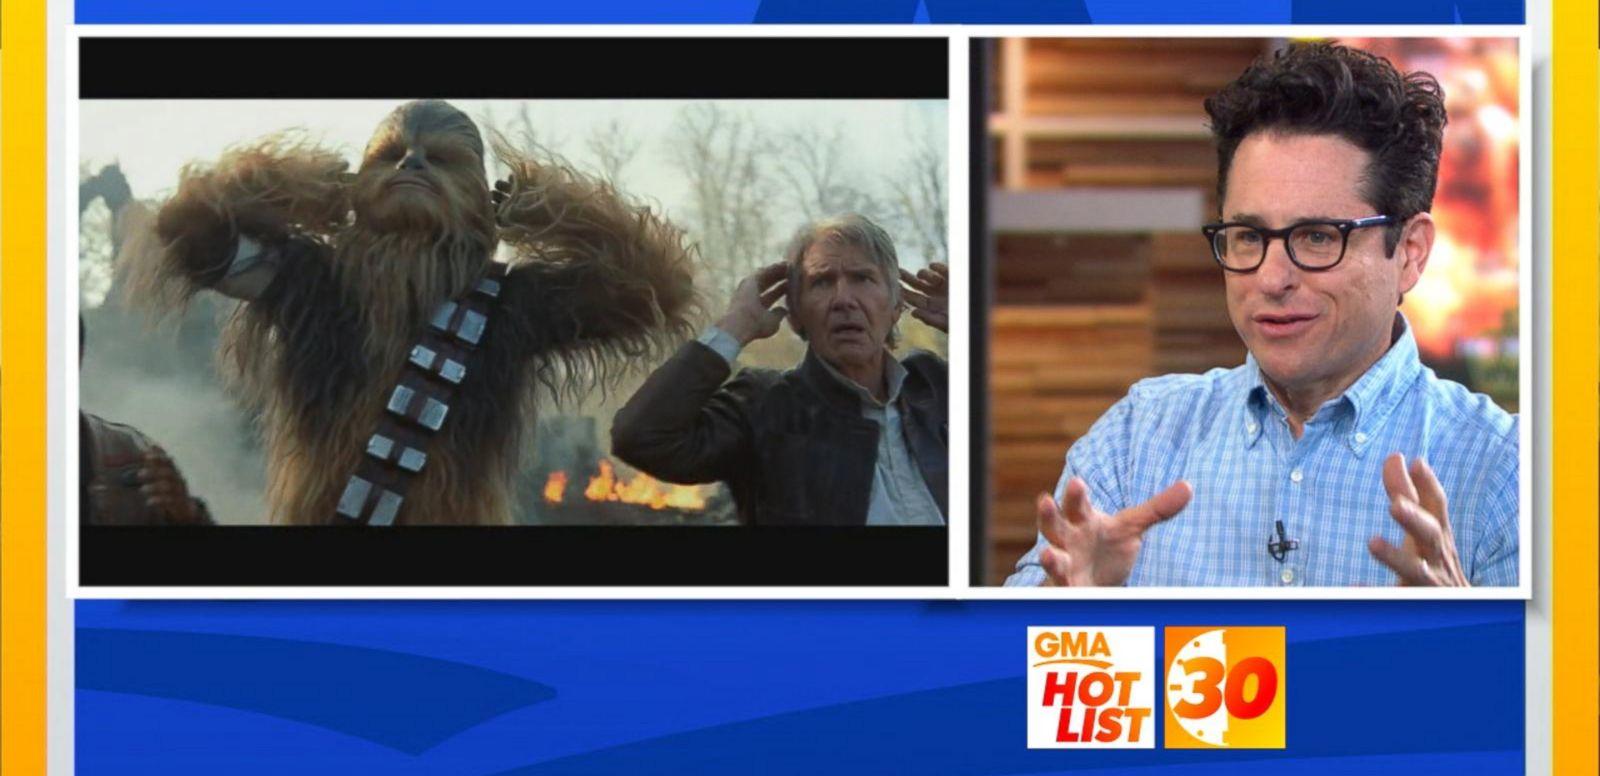 VIDEO: 'GMA' Hot List: J.J. Abrams Talks 'Star Wars: The Force Awakens'